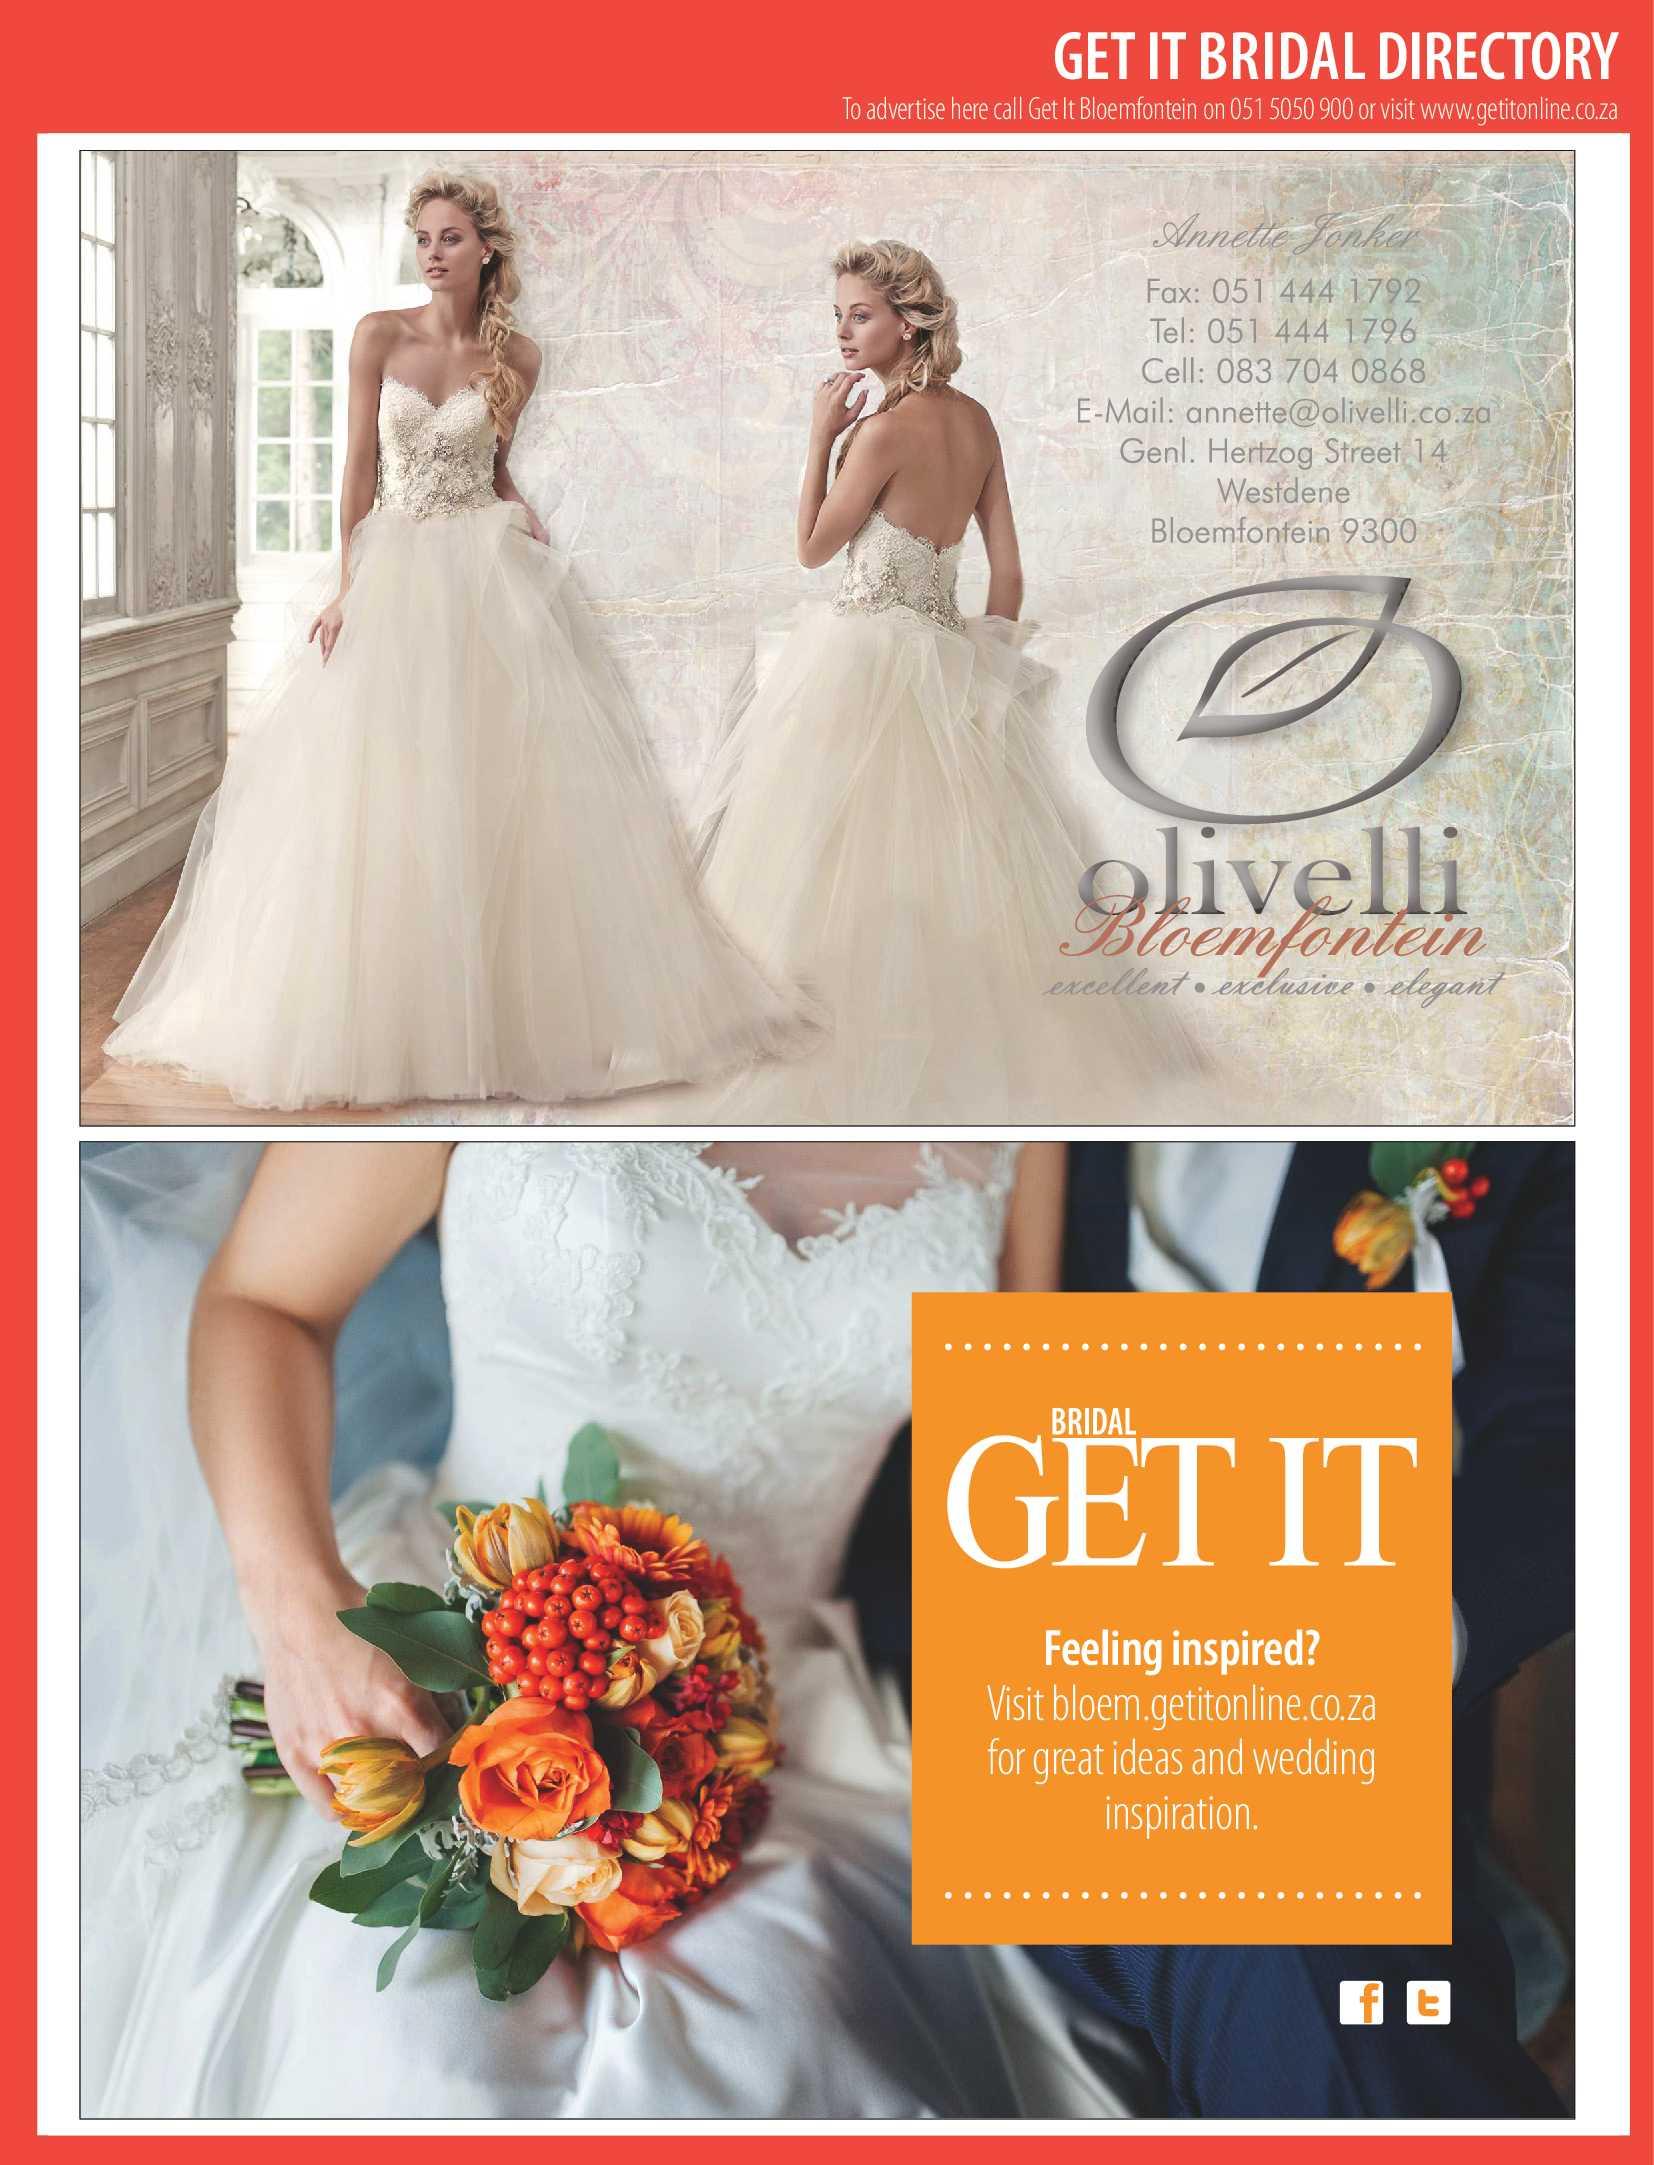 get-bloemfontein-bridal-2017-epapers-page-41